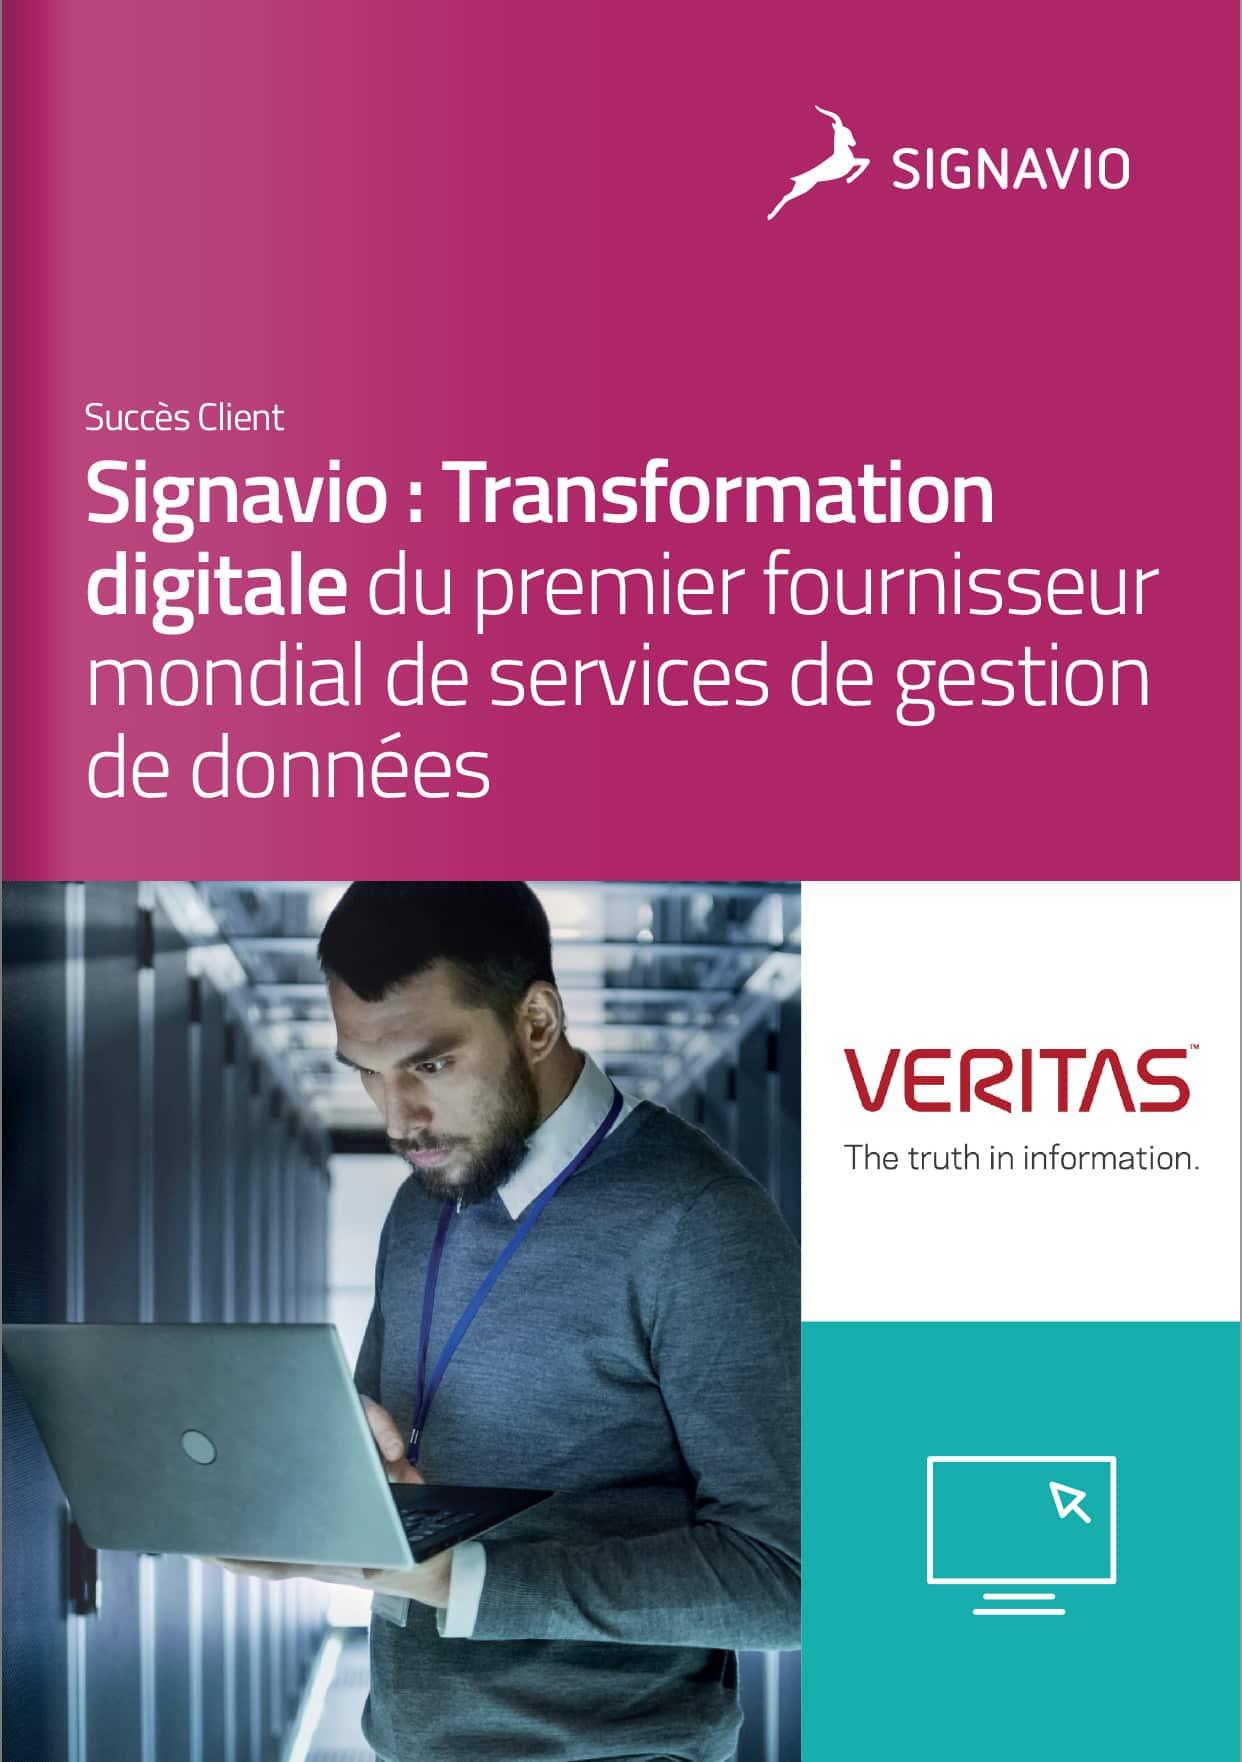 Signavio : Transformation digitale du premier fournisseur mondial de services de gestion de données